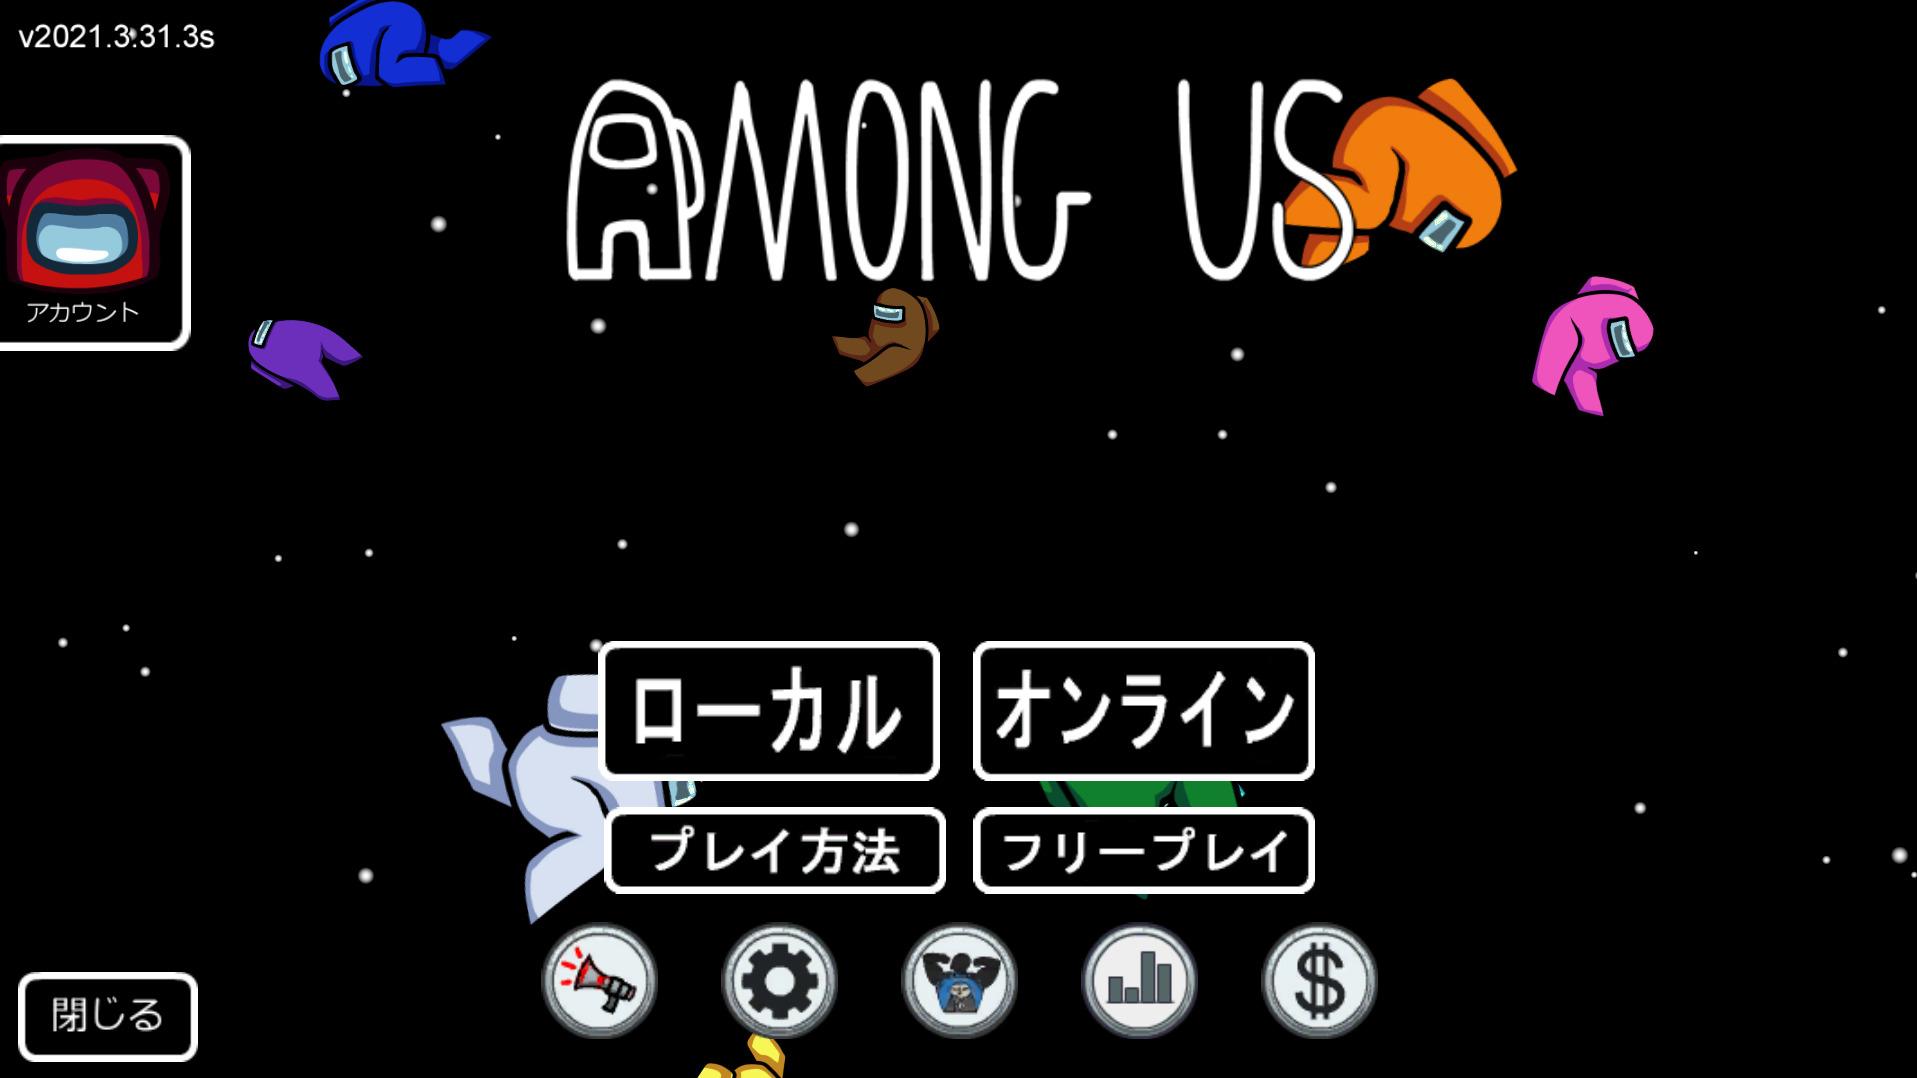 【アモングアス】チャット入力ができない理由 クイックチャットしかできない時の対処法【Among Us】